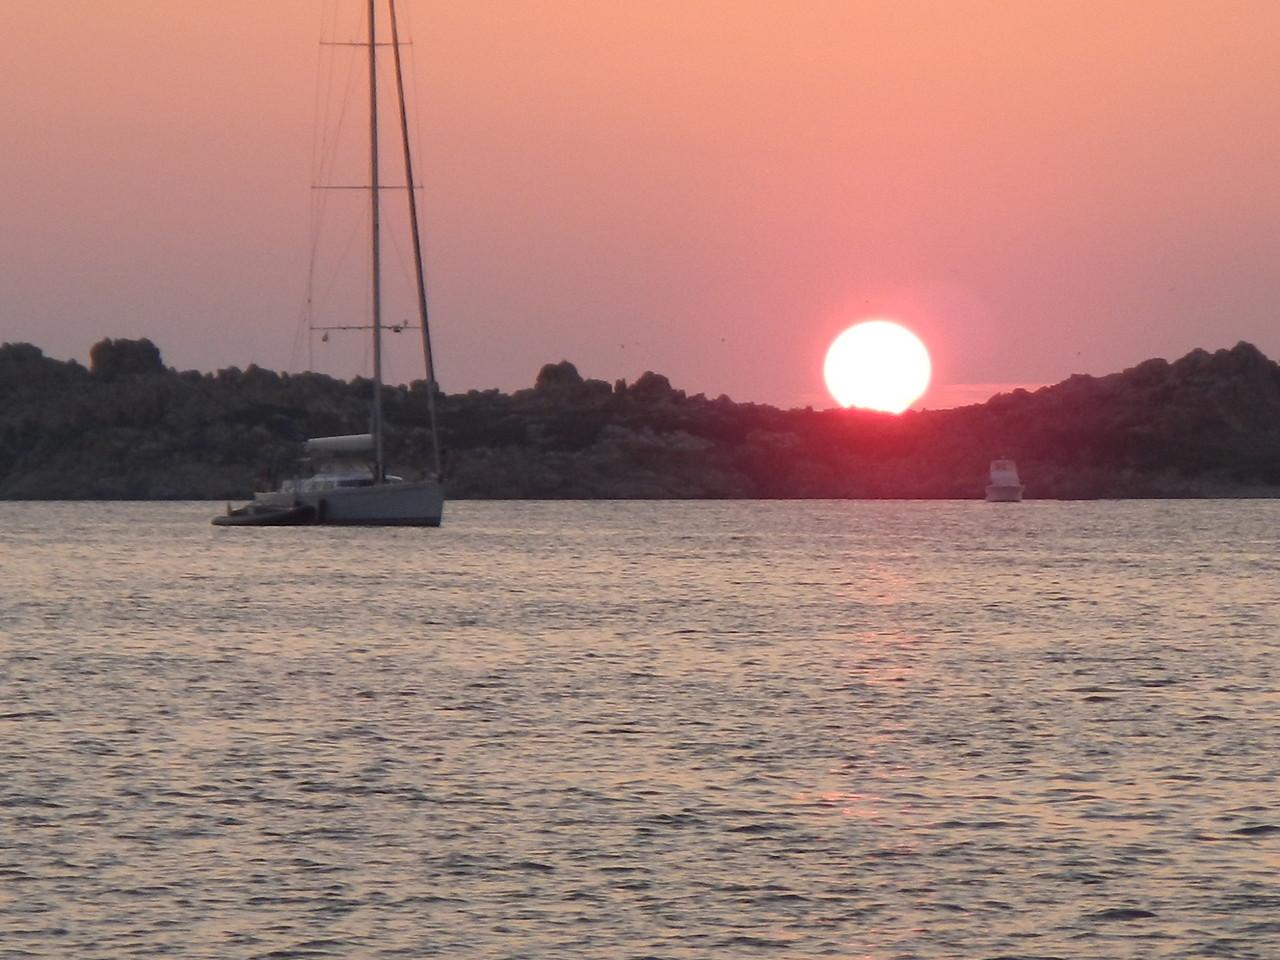 Sonnenuntergang am Strand oder auf der Segelyacht. sportliches Segeln auch für Anfänger